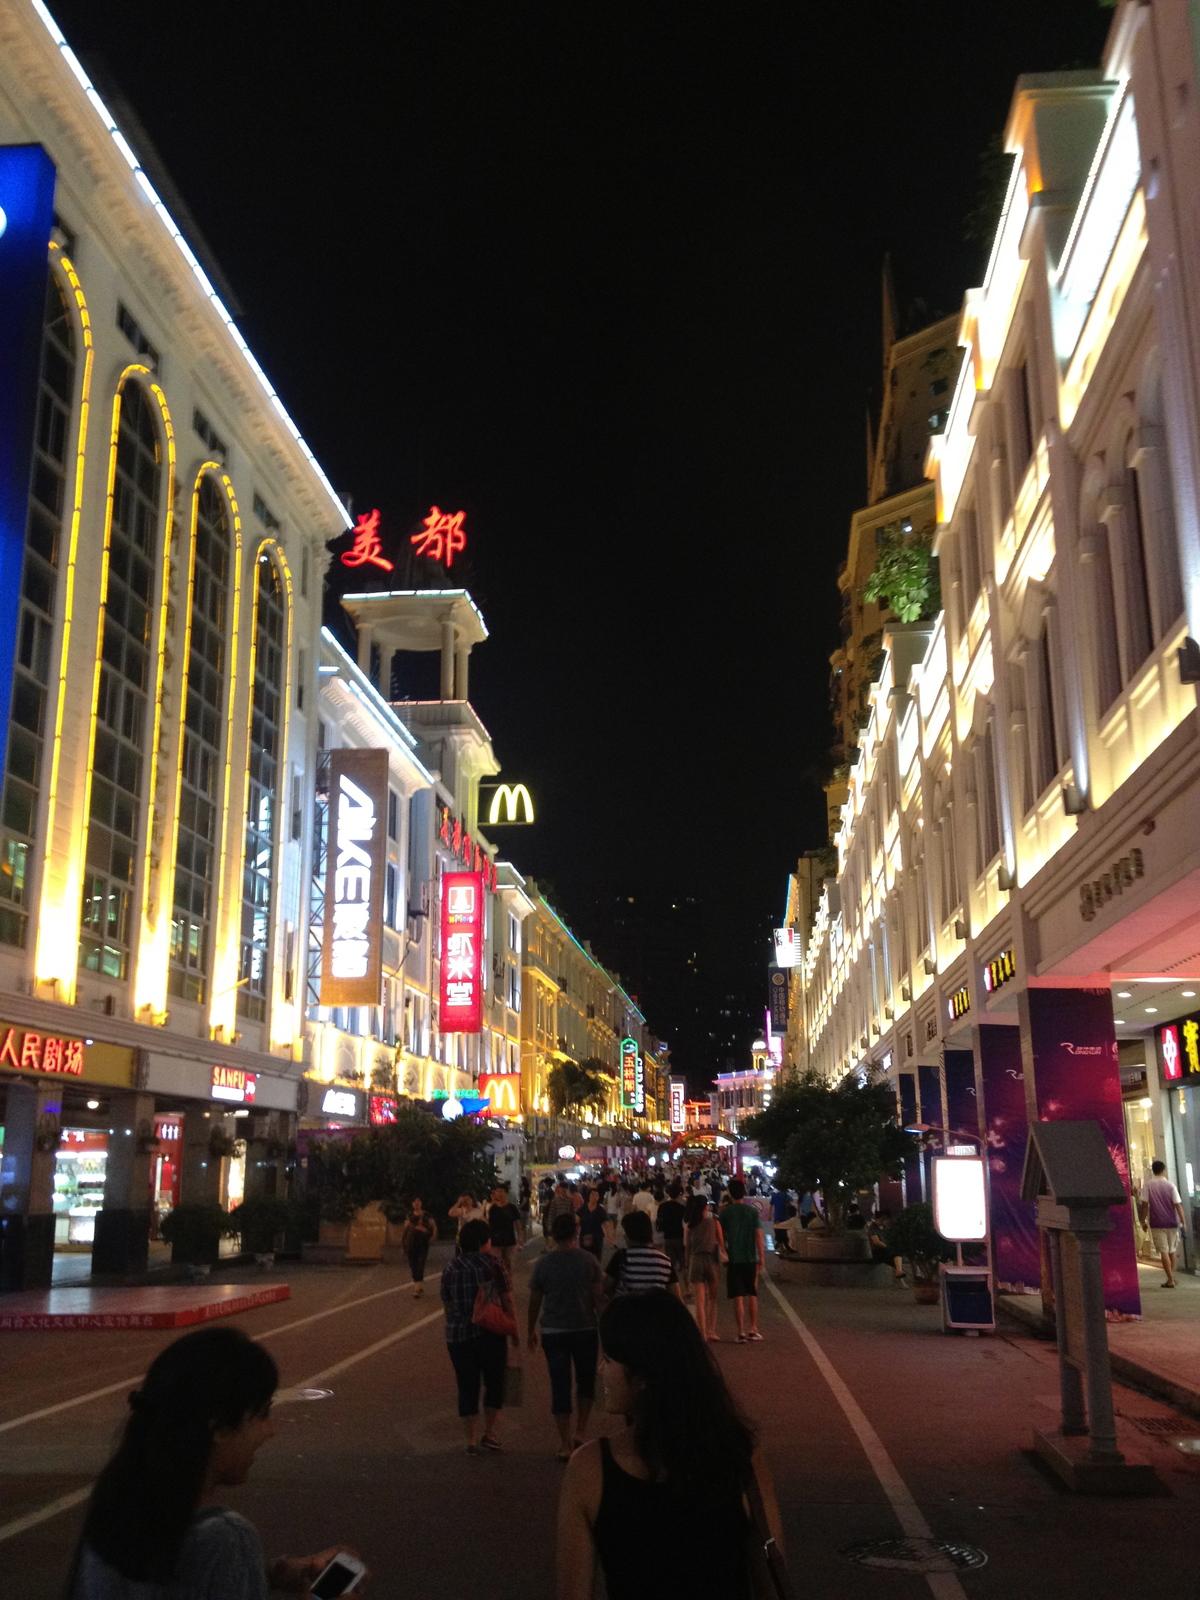 Zhongshan Lu